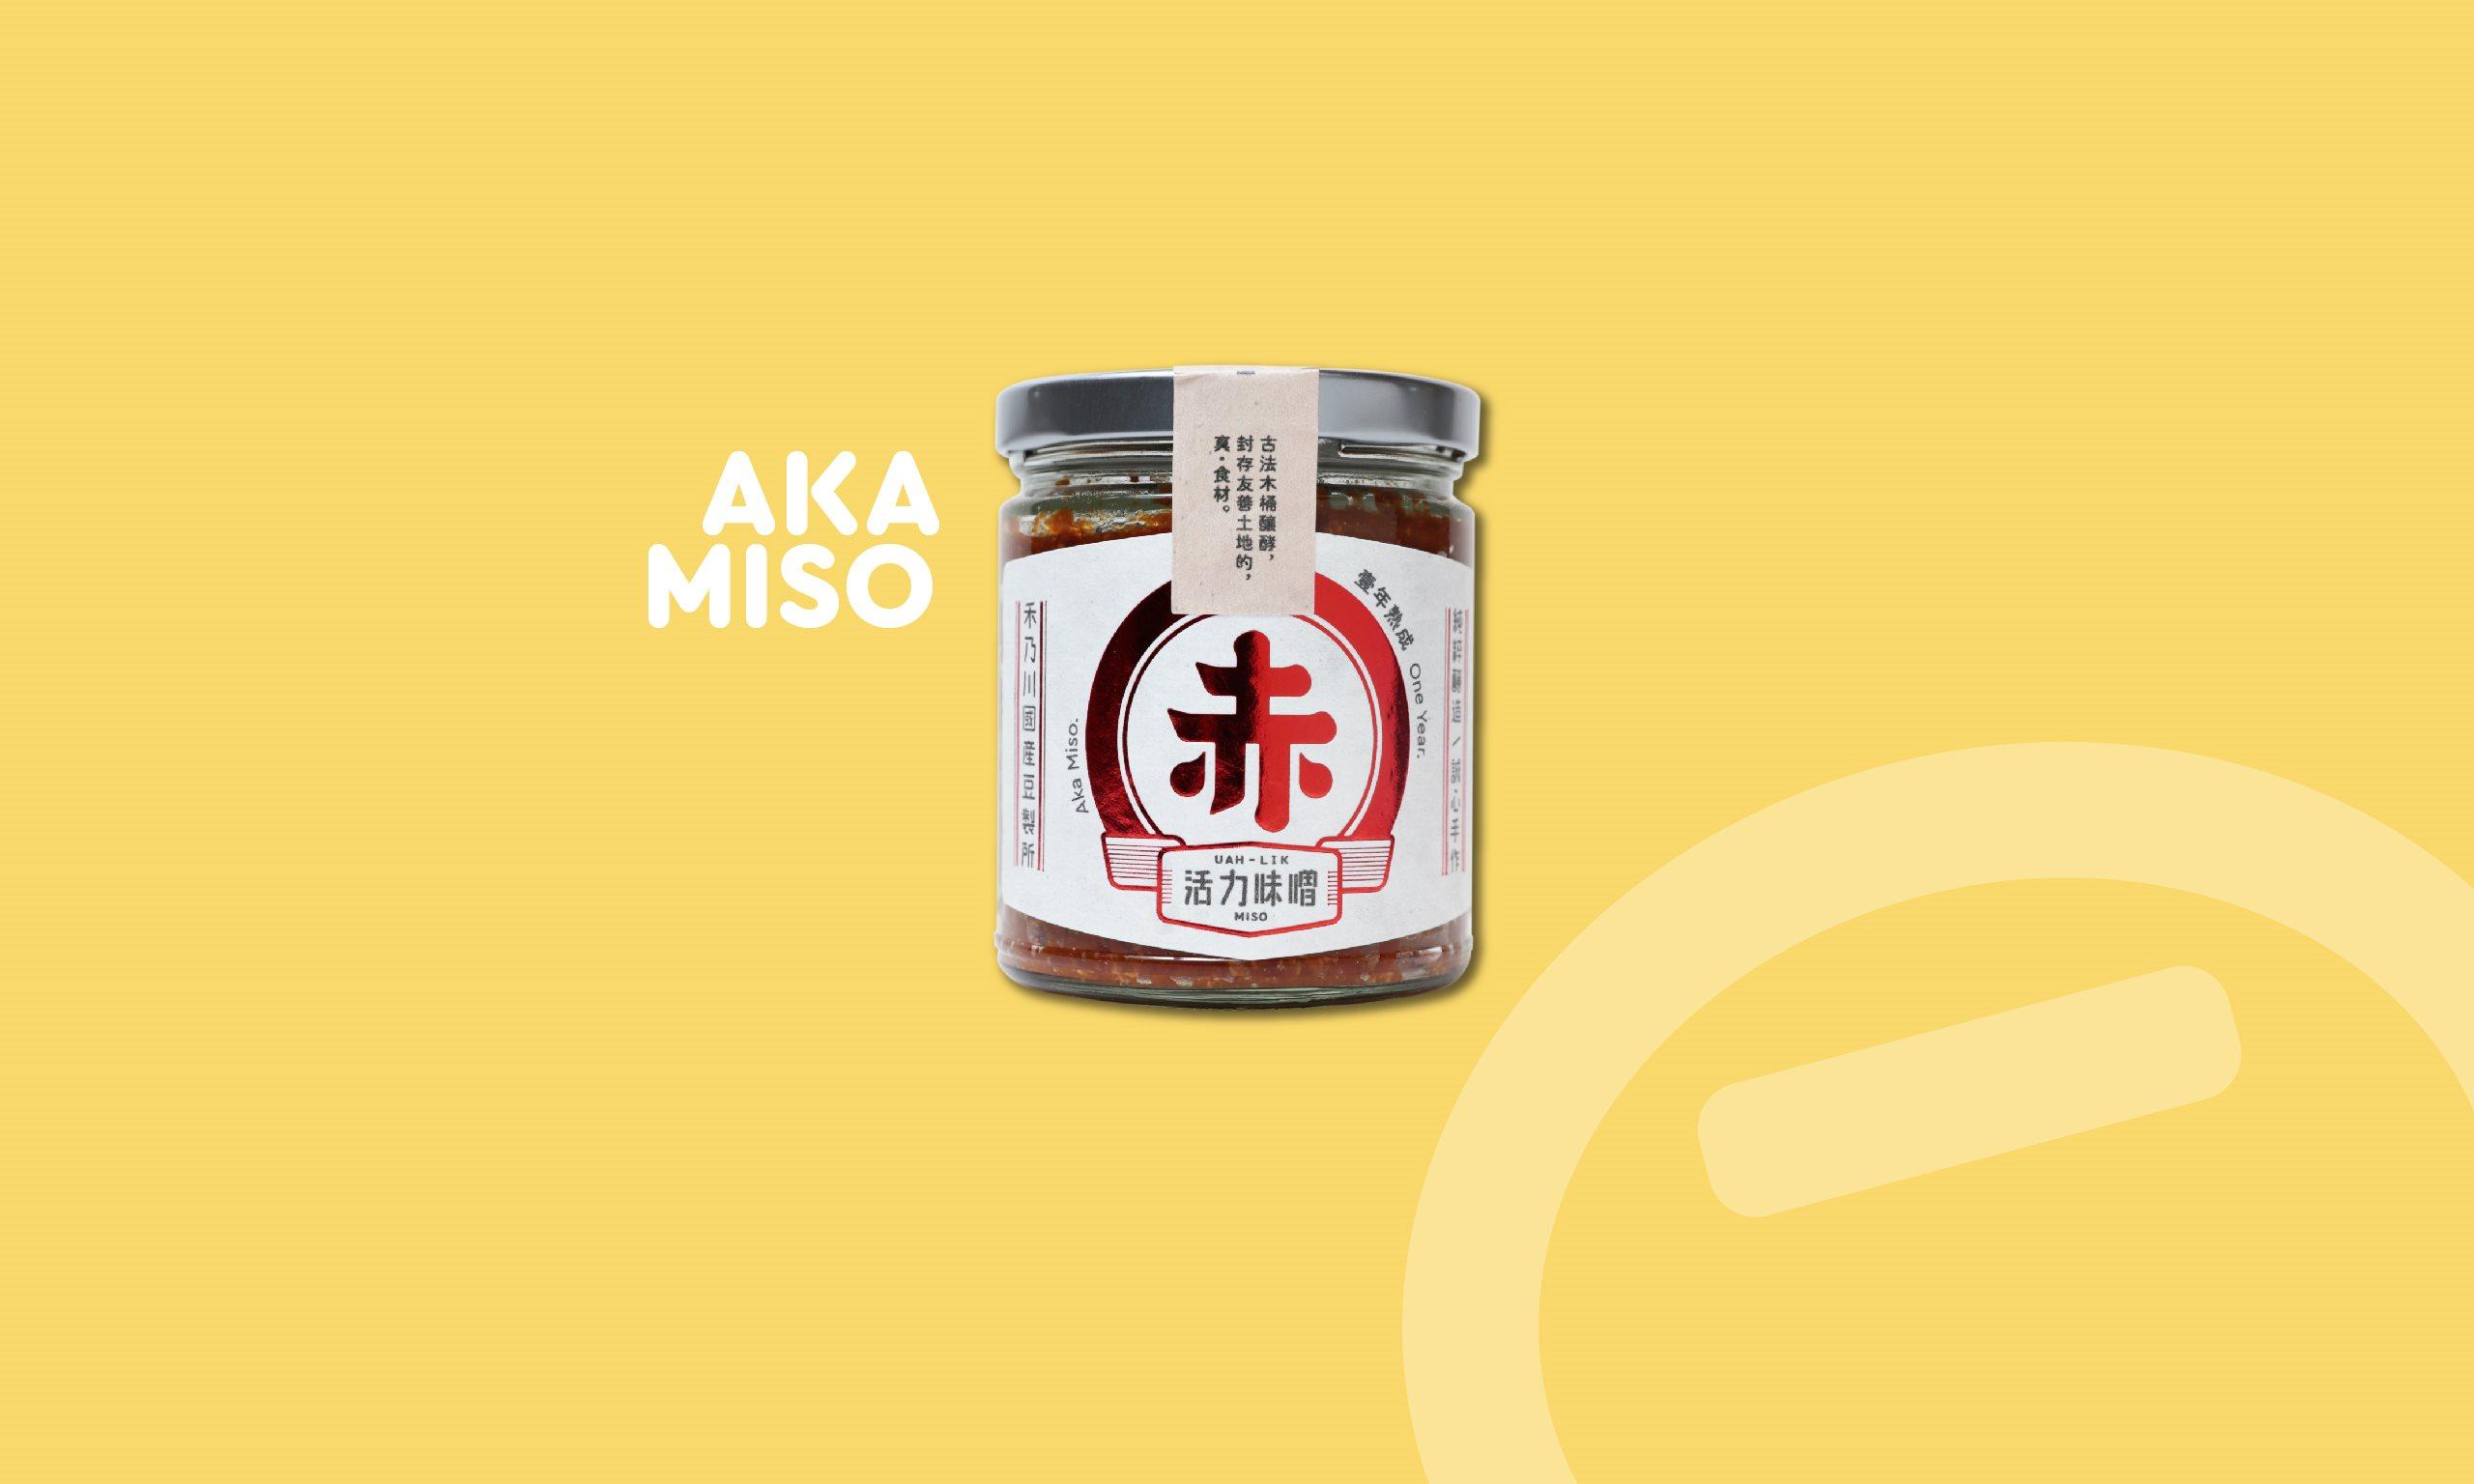 赤味噌 - 散發出米麴甘甜